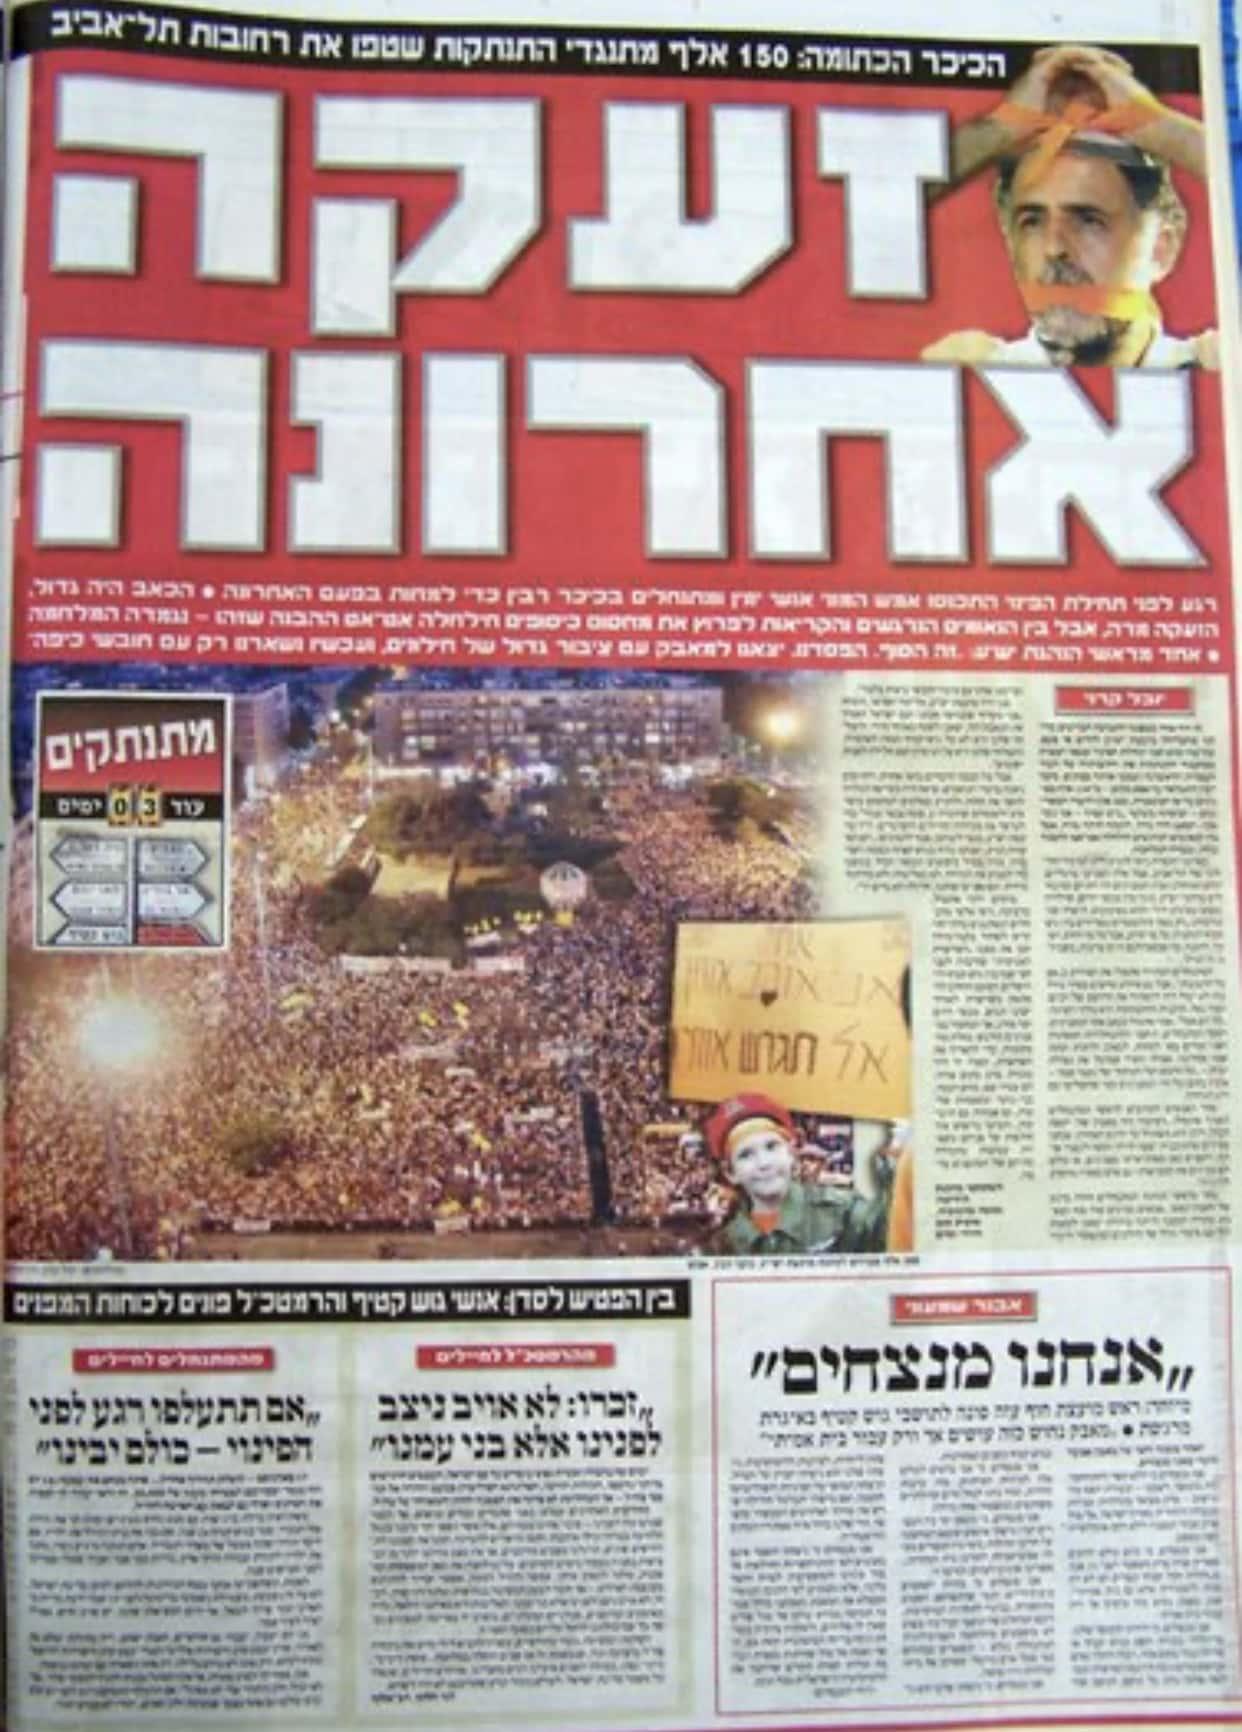 עמוד 2 בידיעות אחרונות, ב-12 באוגוסט 2005